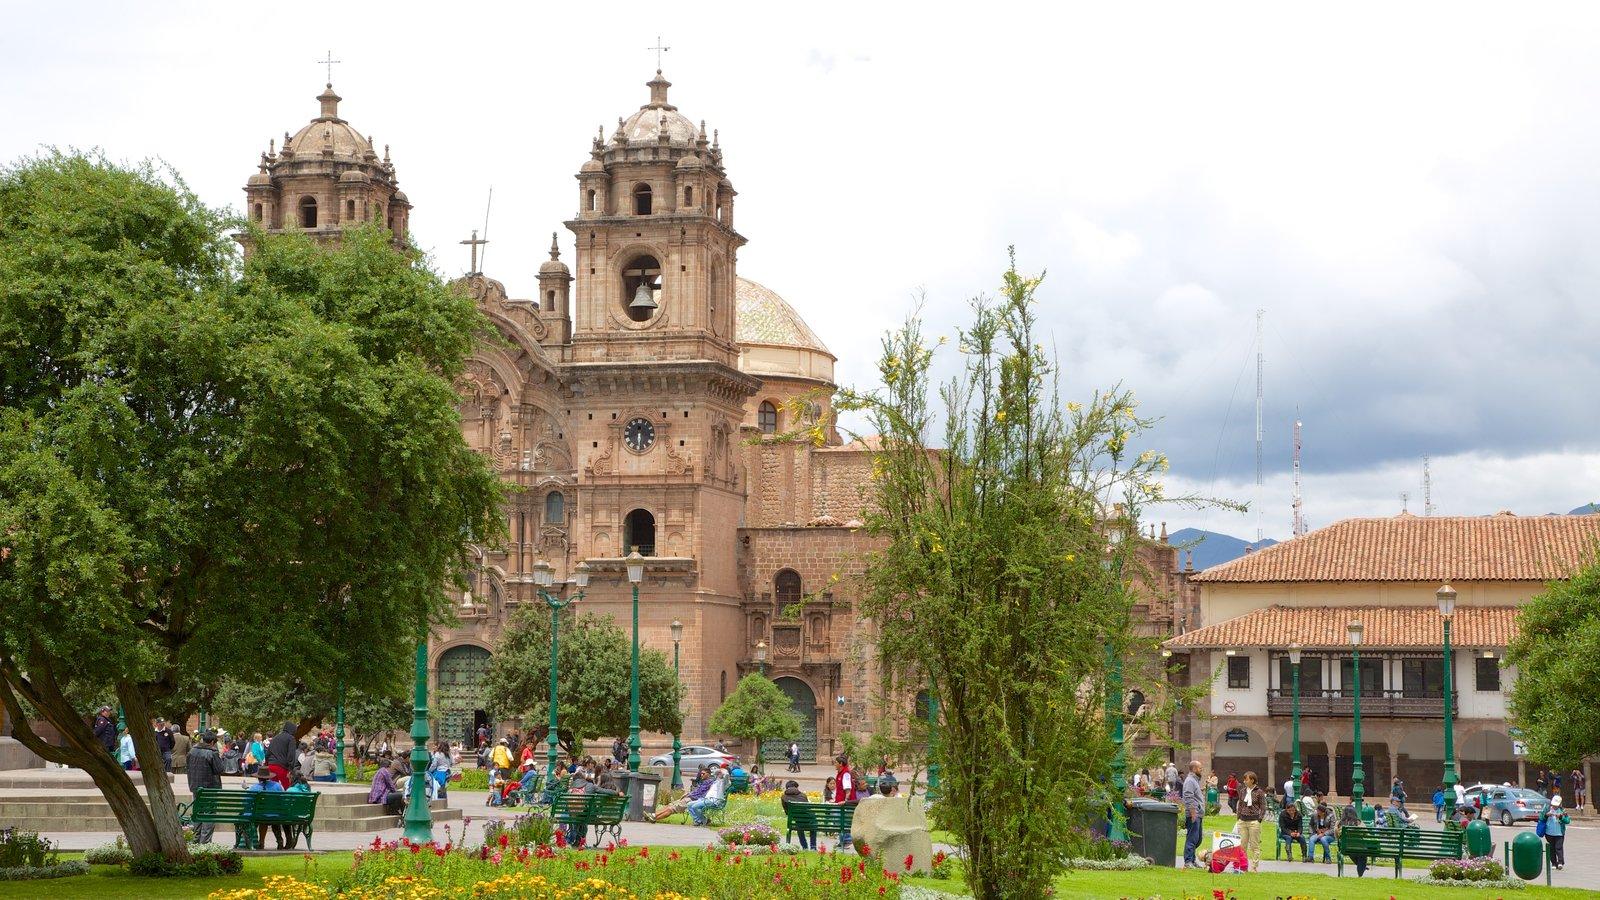 Plaza de Armas mostrando uma igreja ou catedral e um parque